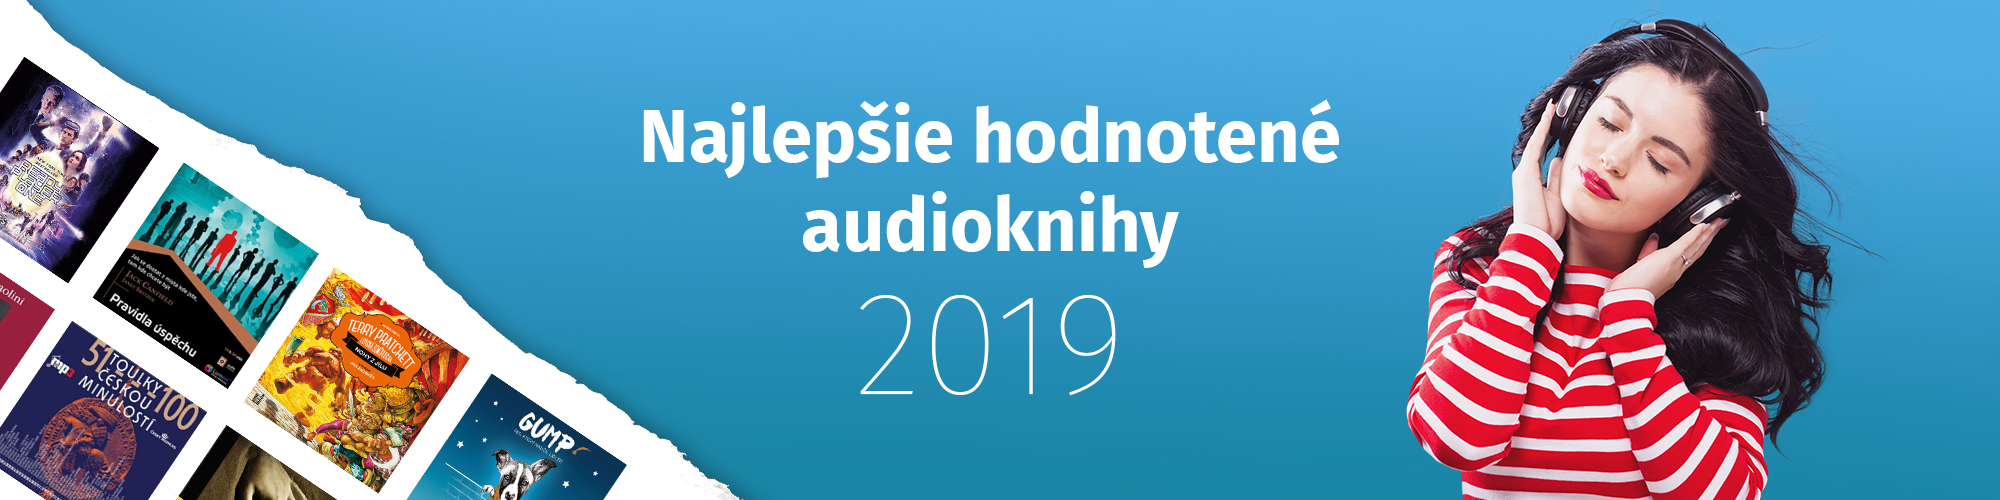 Najlepšie hodnotené audioknihy 2019